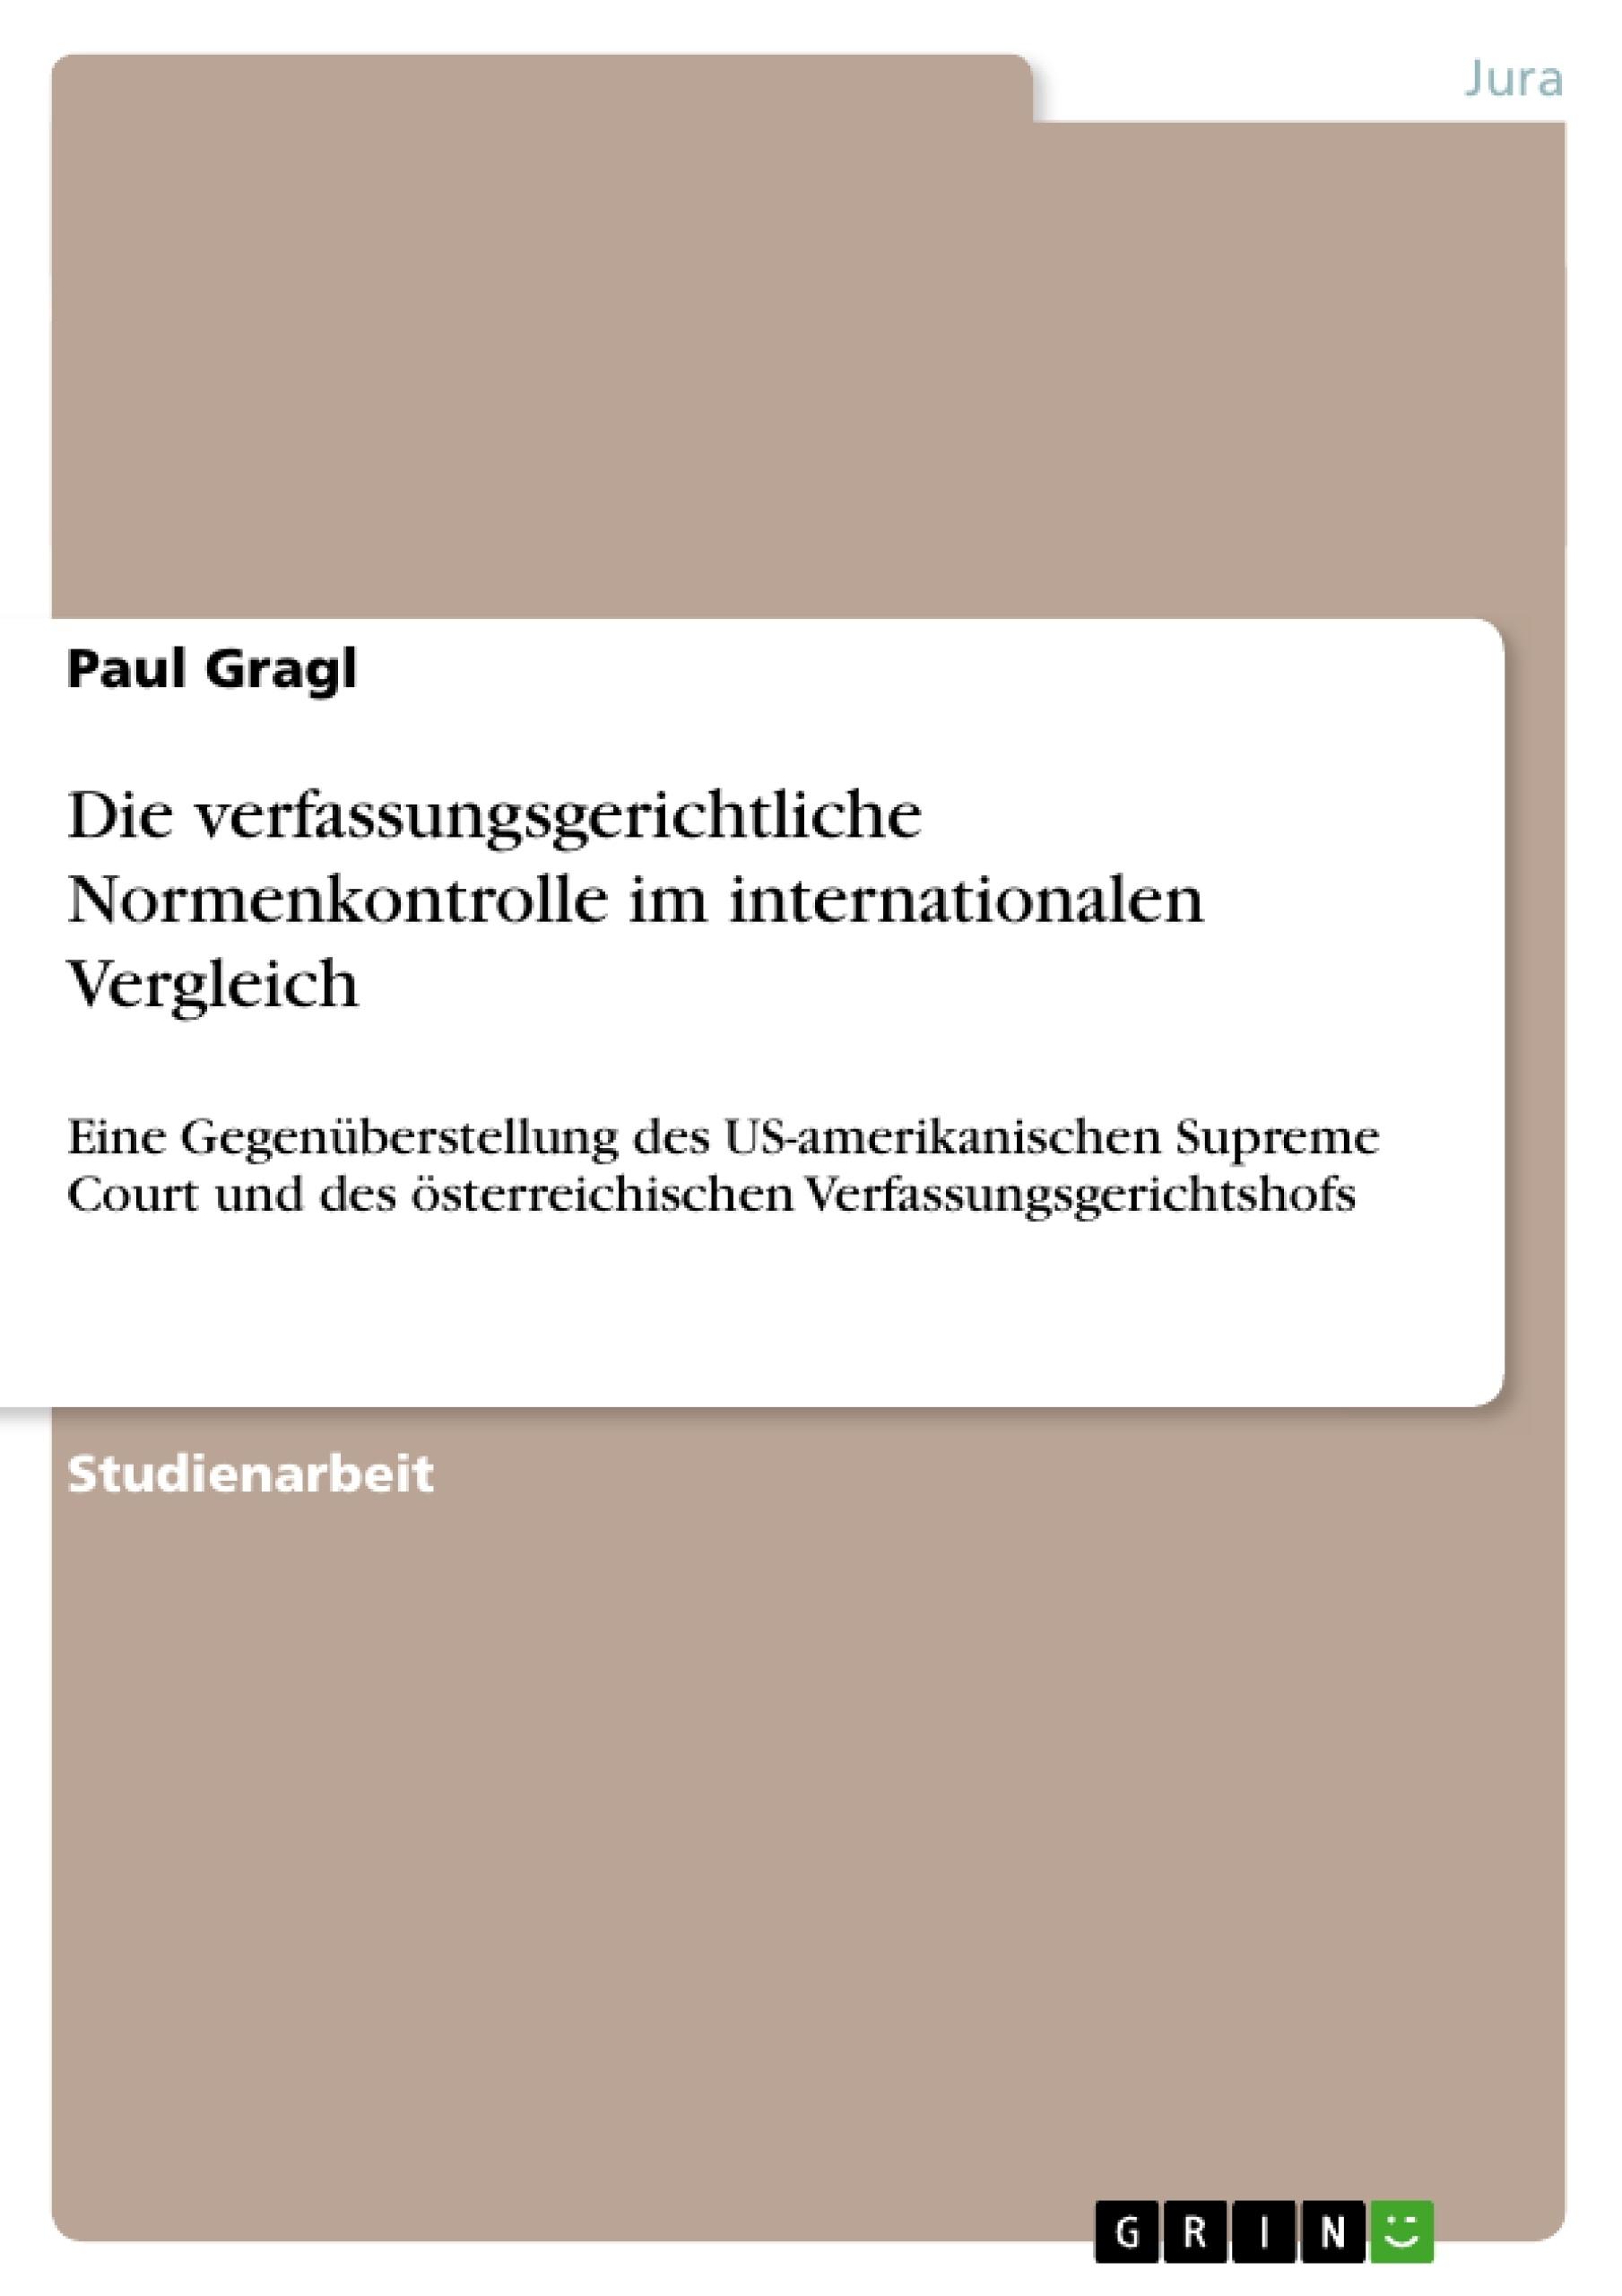 Titel: Die verfassungsgerichtliche Normenkontrolle im internationalen Vergleich